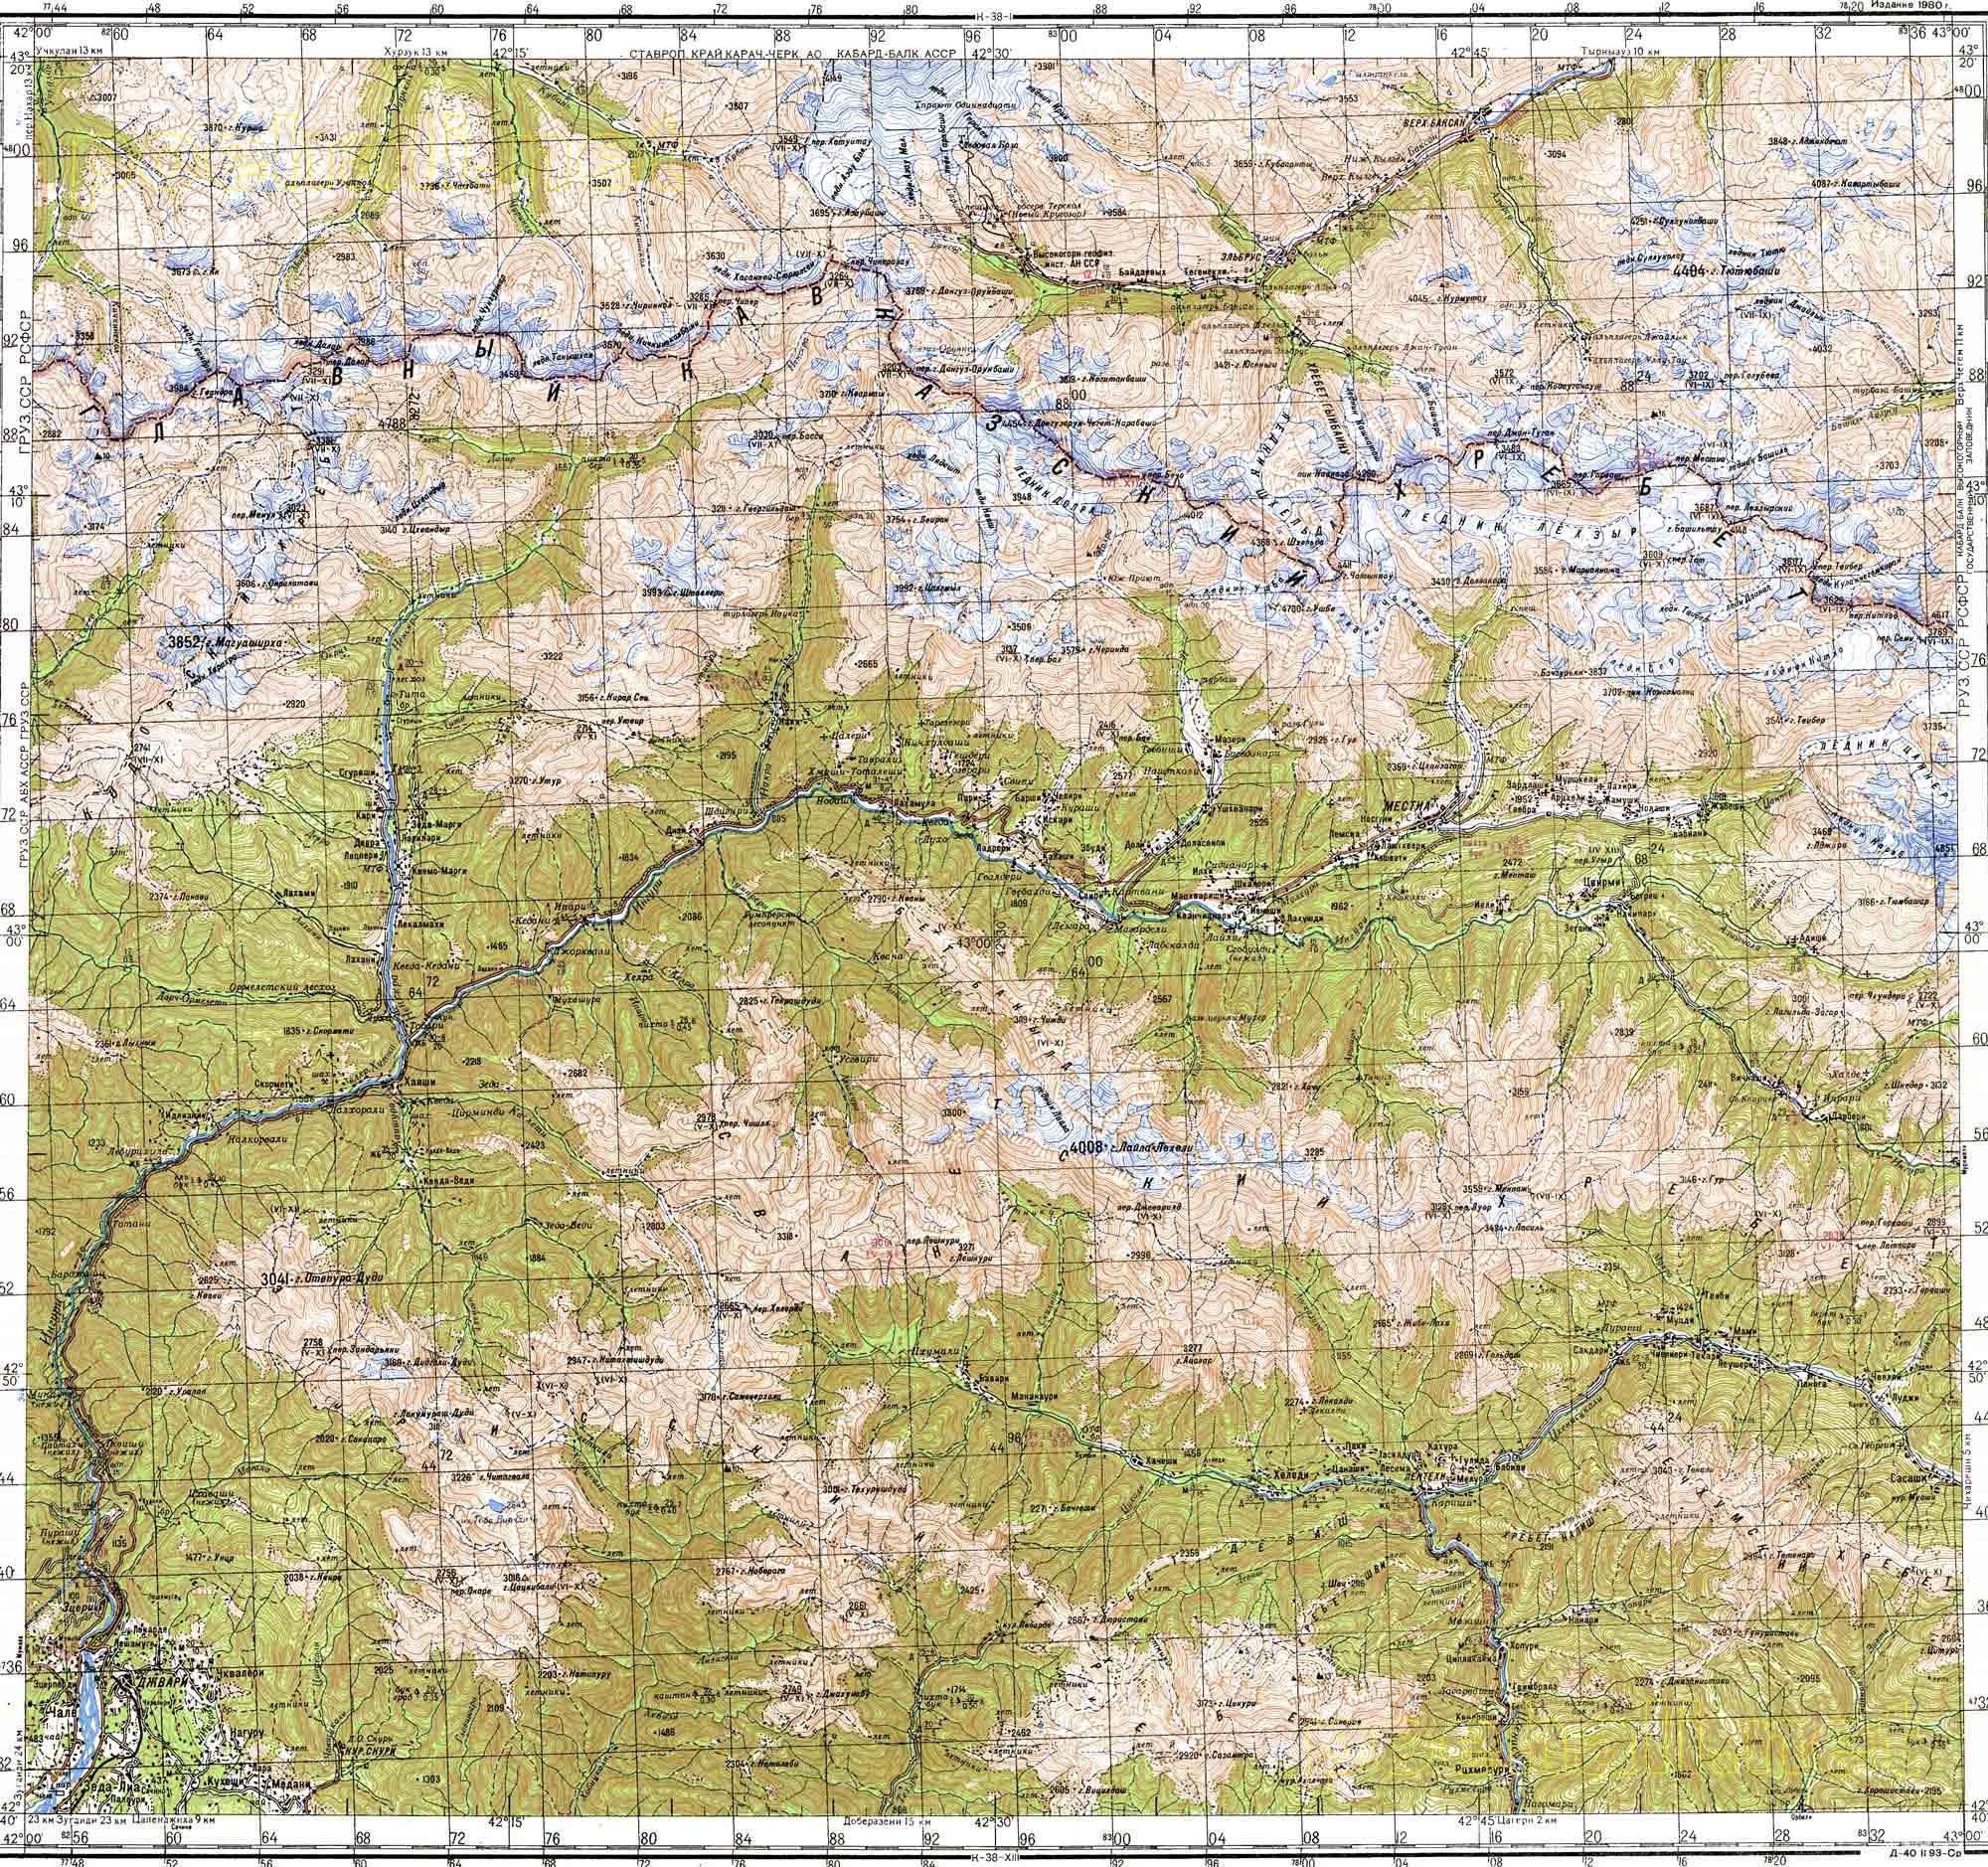 карты для навигатора навител скачать бесплатно 2016 россия nm3